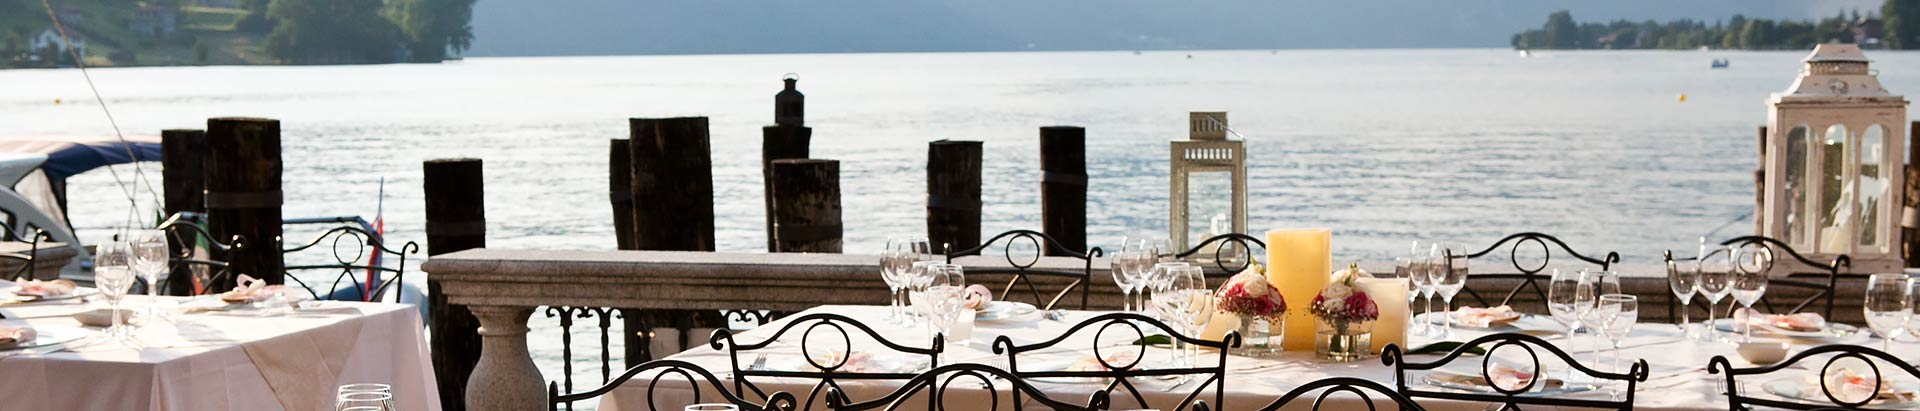 ristorante-matrimonio-lago-maggiore